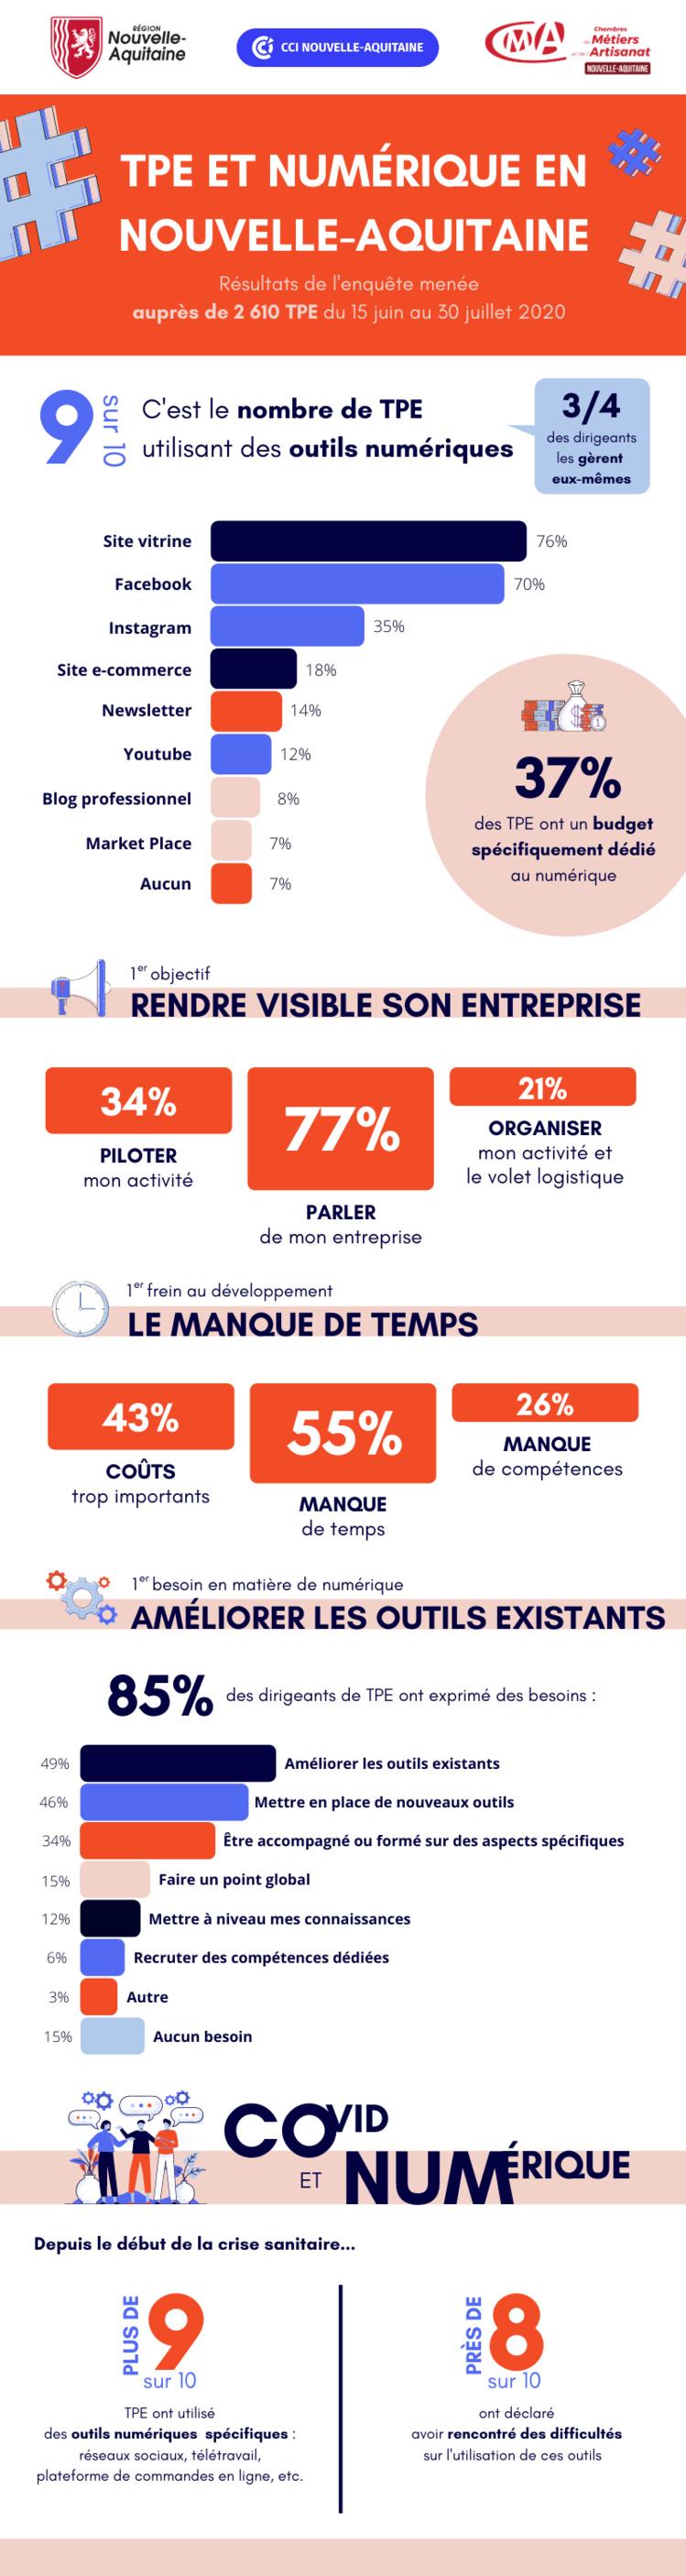 Infographie : les TPE et le numérique en Nouvelle-Aquitaine